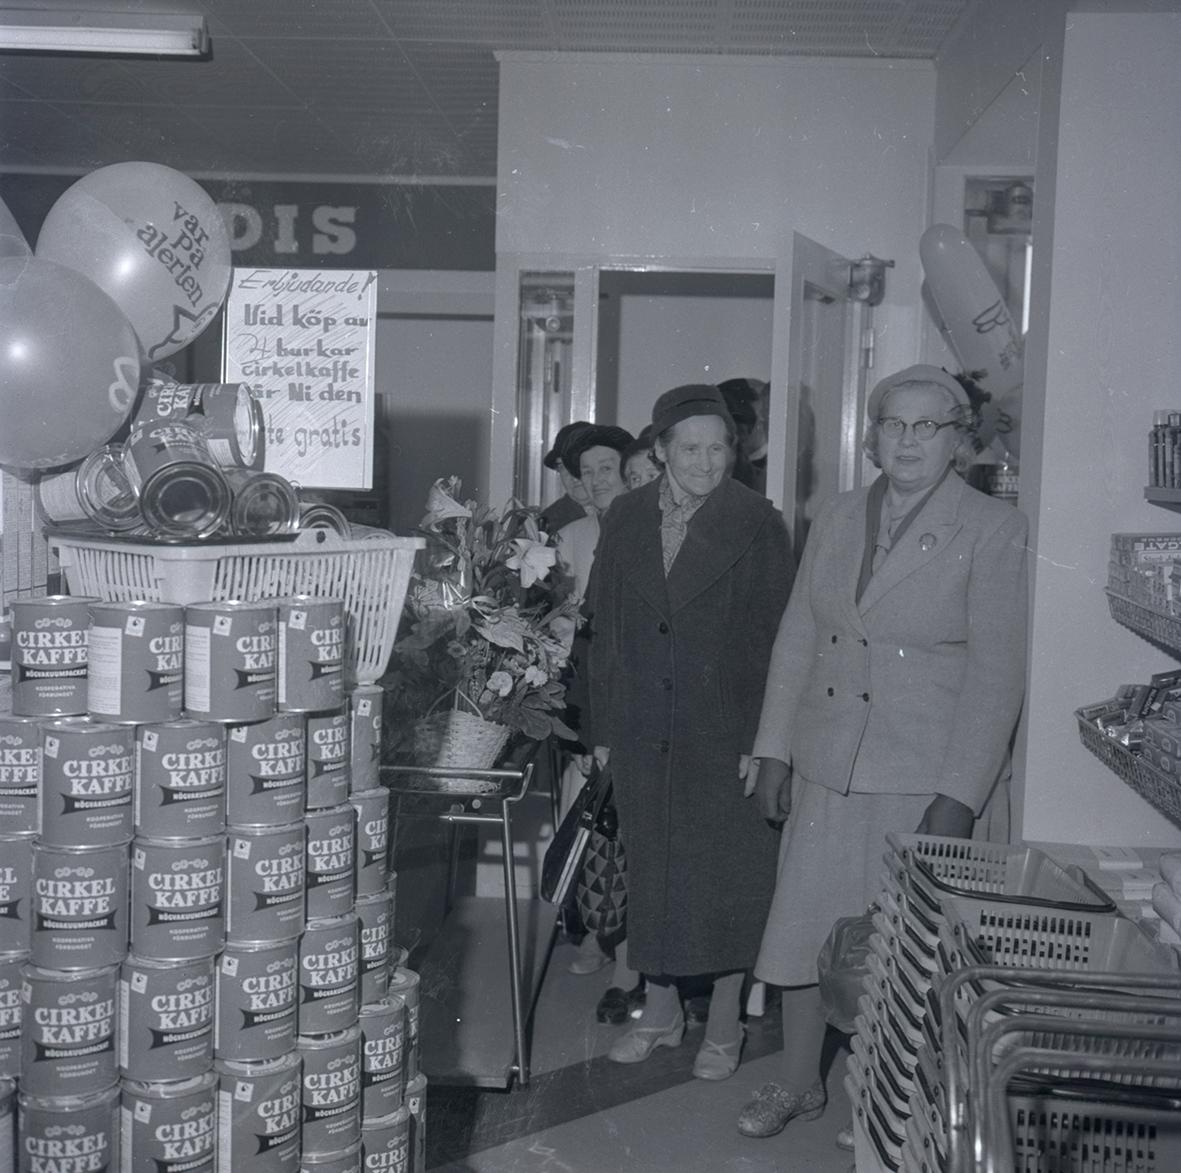 Bild tagen i samband med invigning av Konsum. Människor som står i kö för att komma in i butiken.